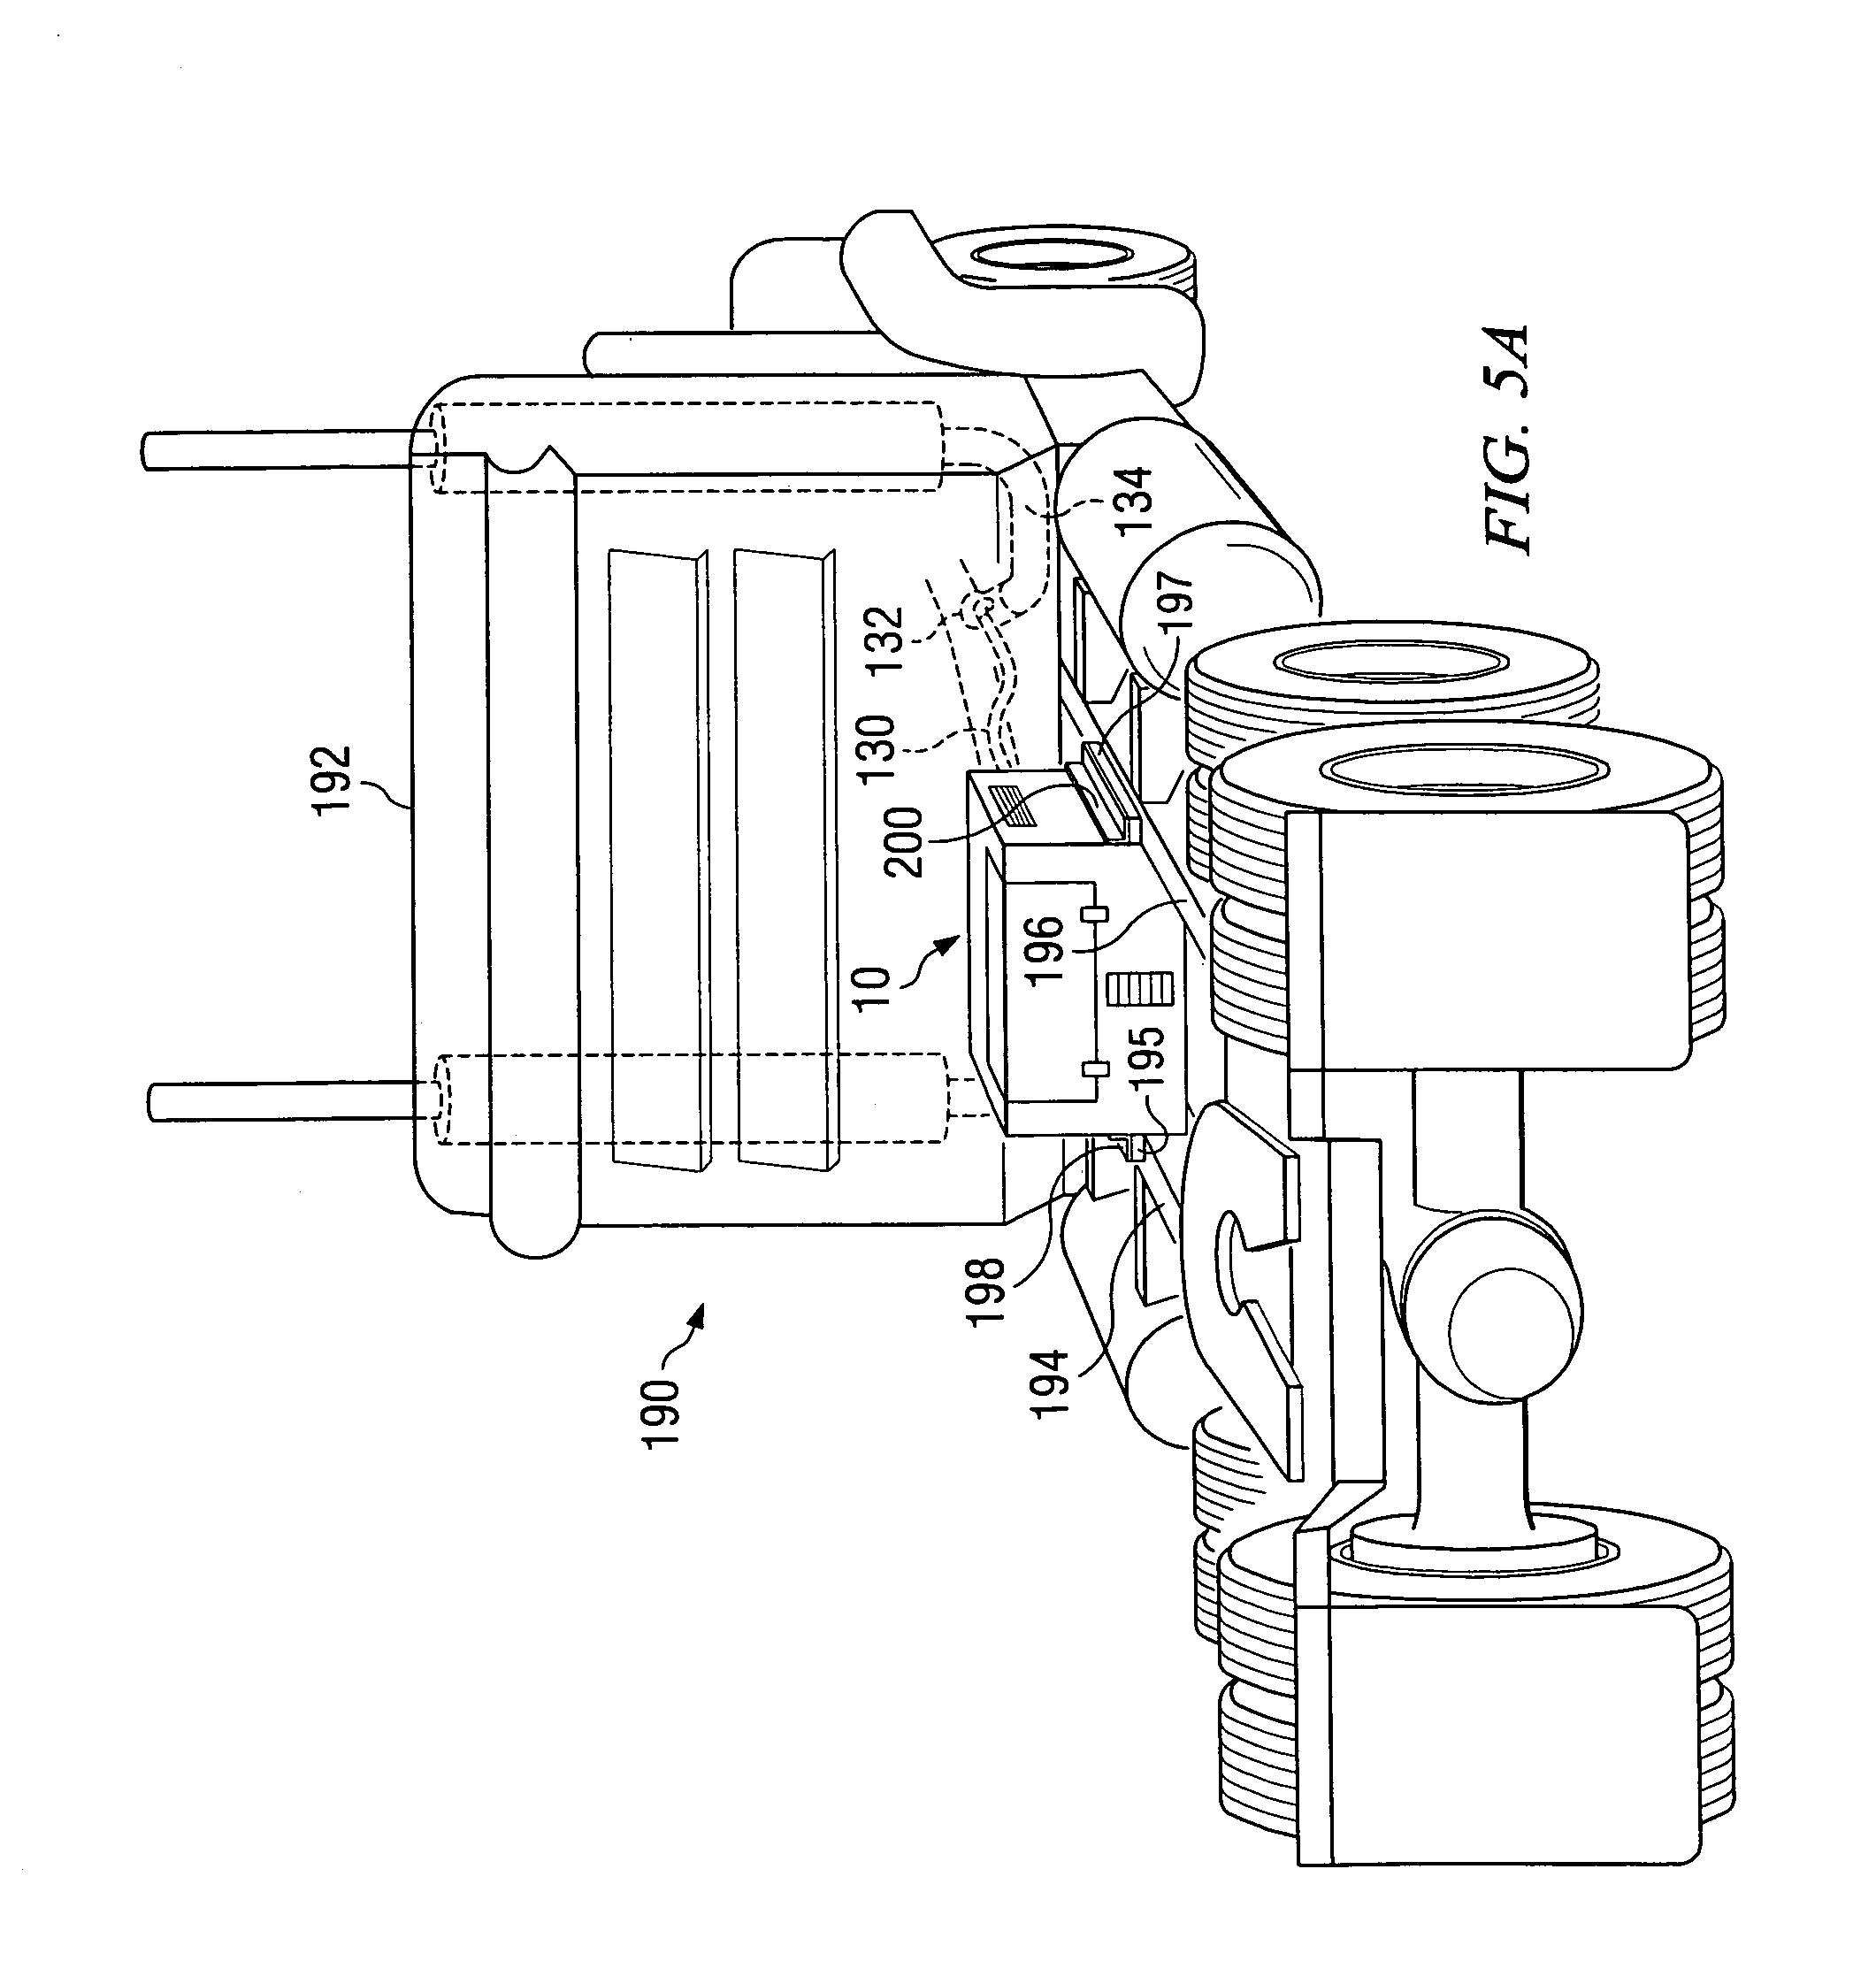 patent us7245033